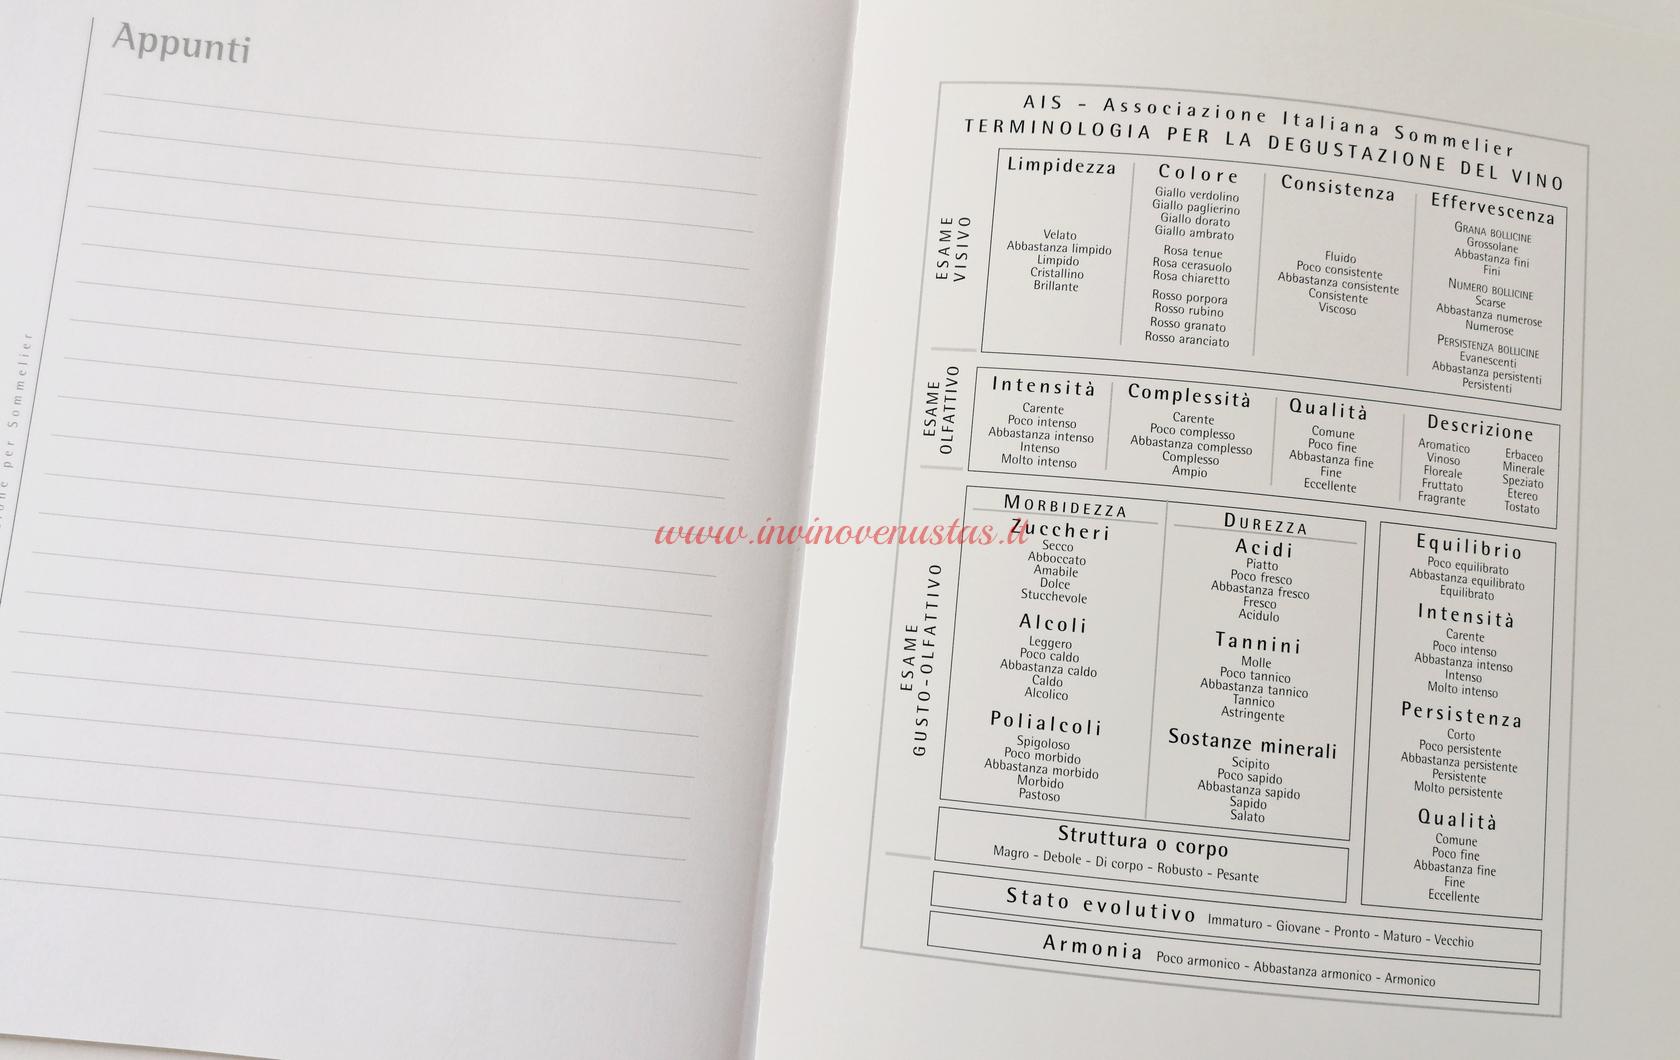 Scheda terminologia AIS con termini per degustazione